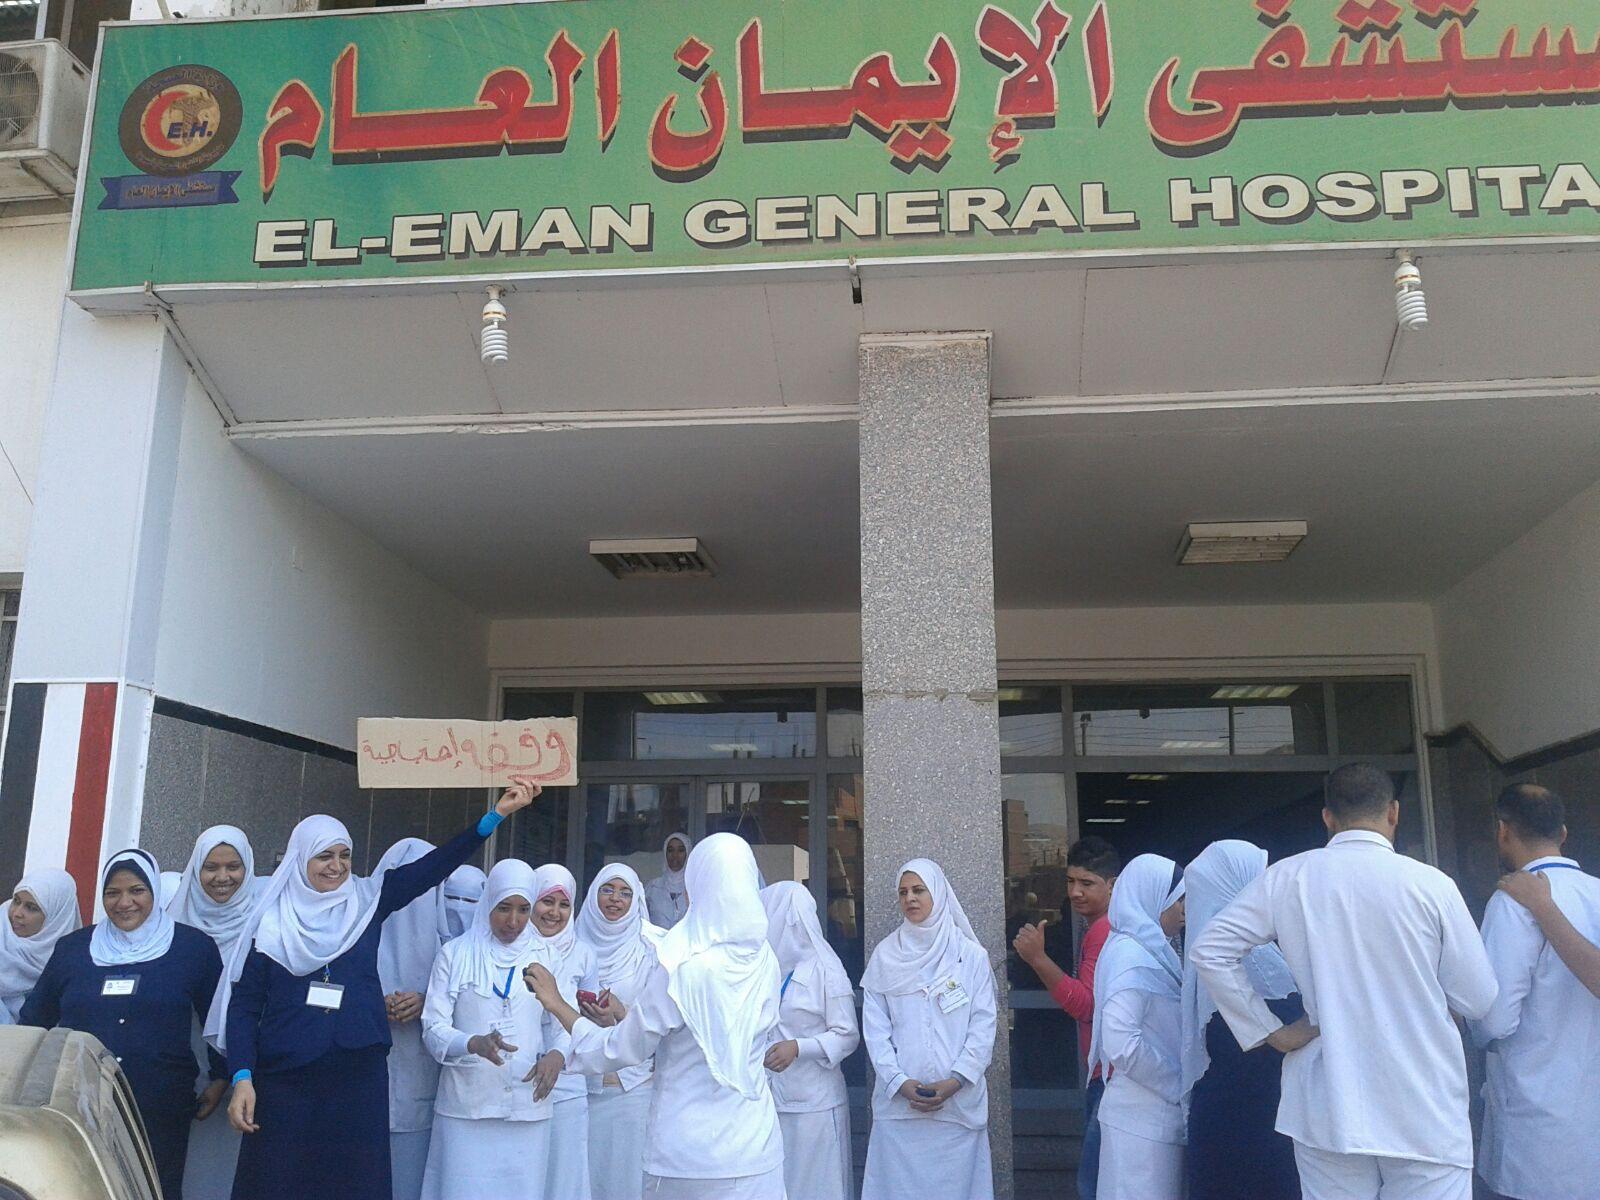 بالصور.. وقفة احتجاجية لممرضات مستشفى عام بأسيوط ضد العمل 12 ساعة يوميًا